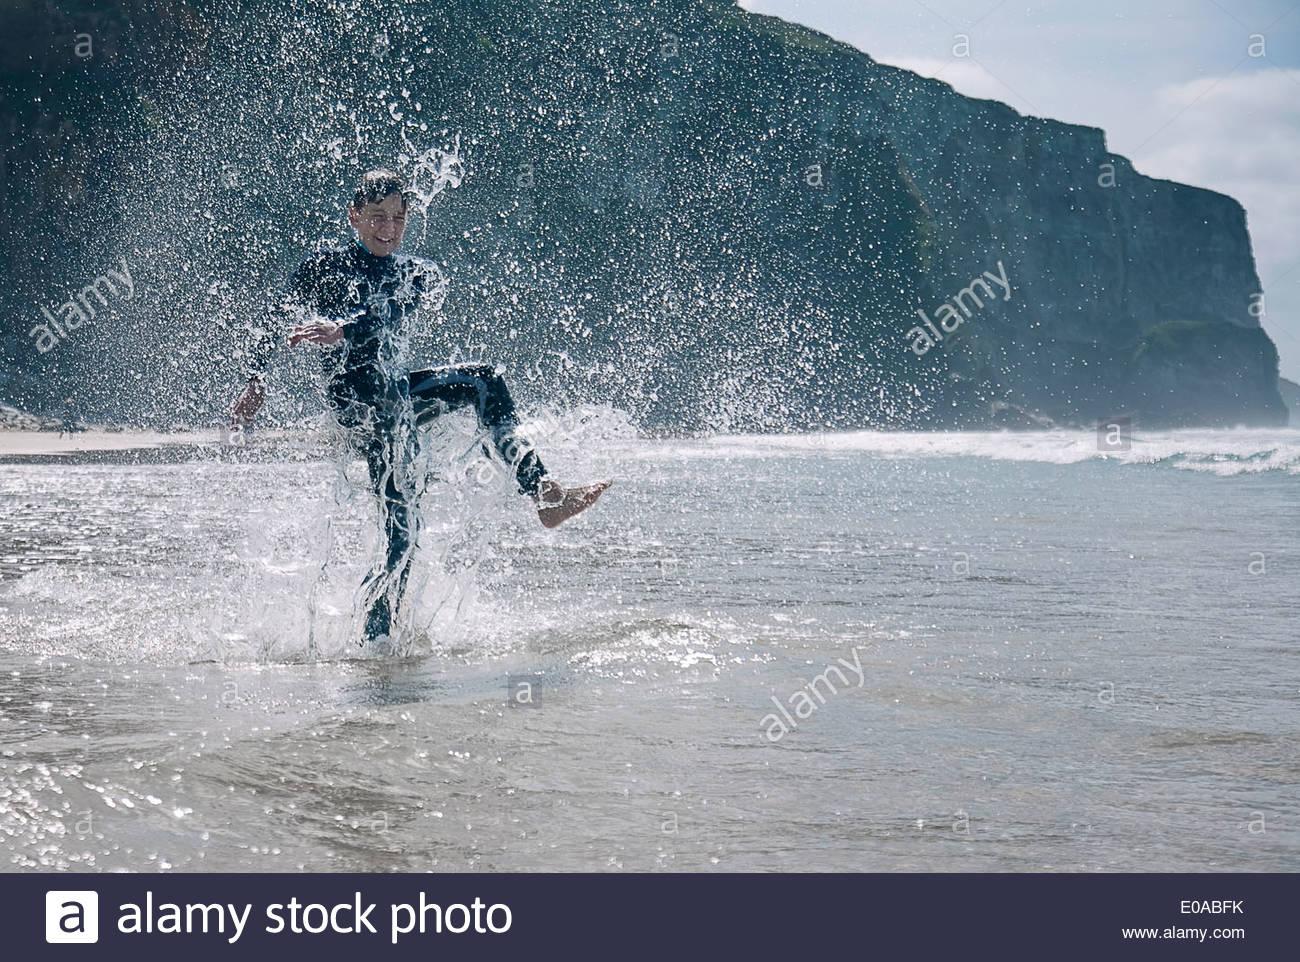 Boy wearing wetsuit, splashing in sea - Stock Image